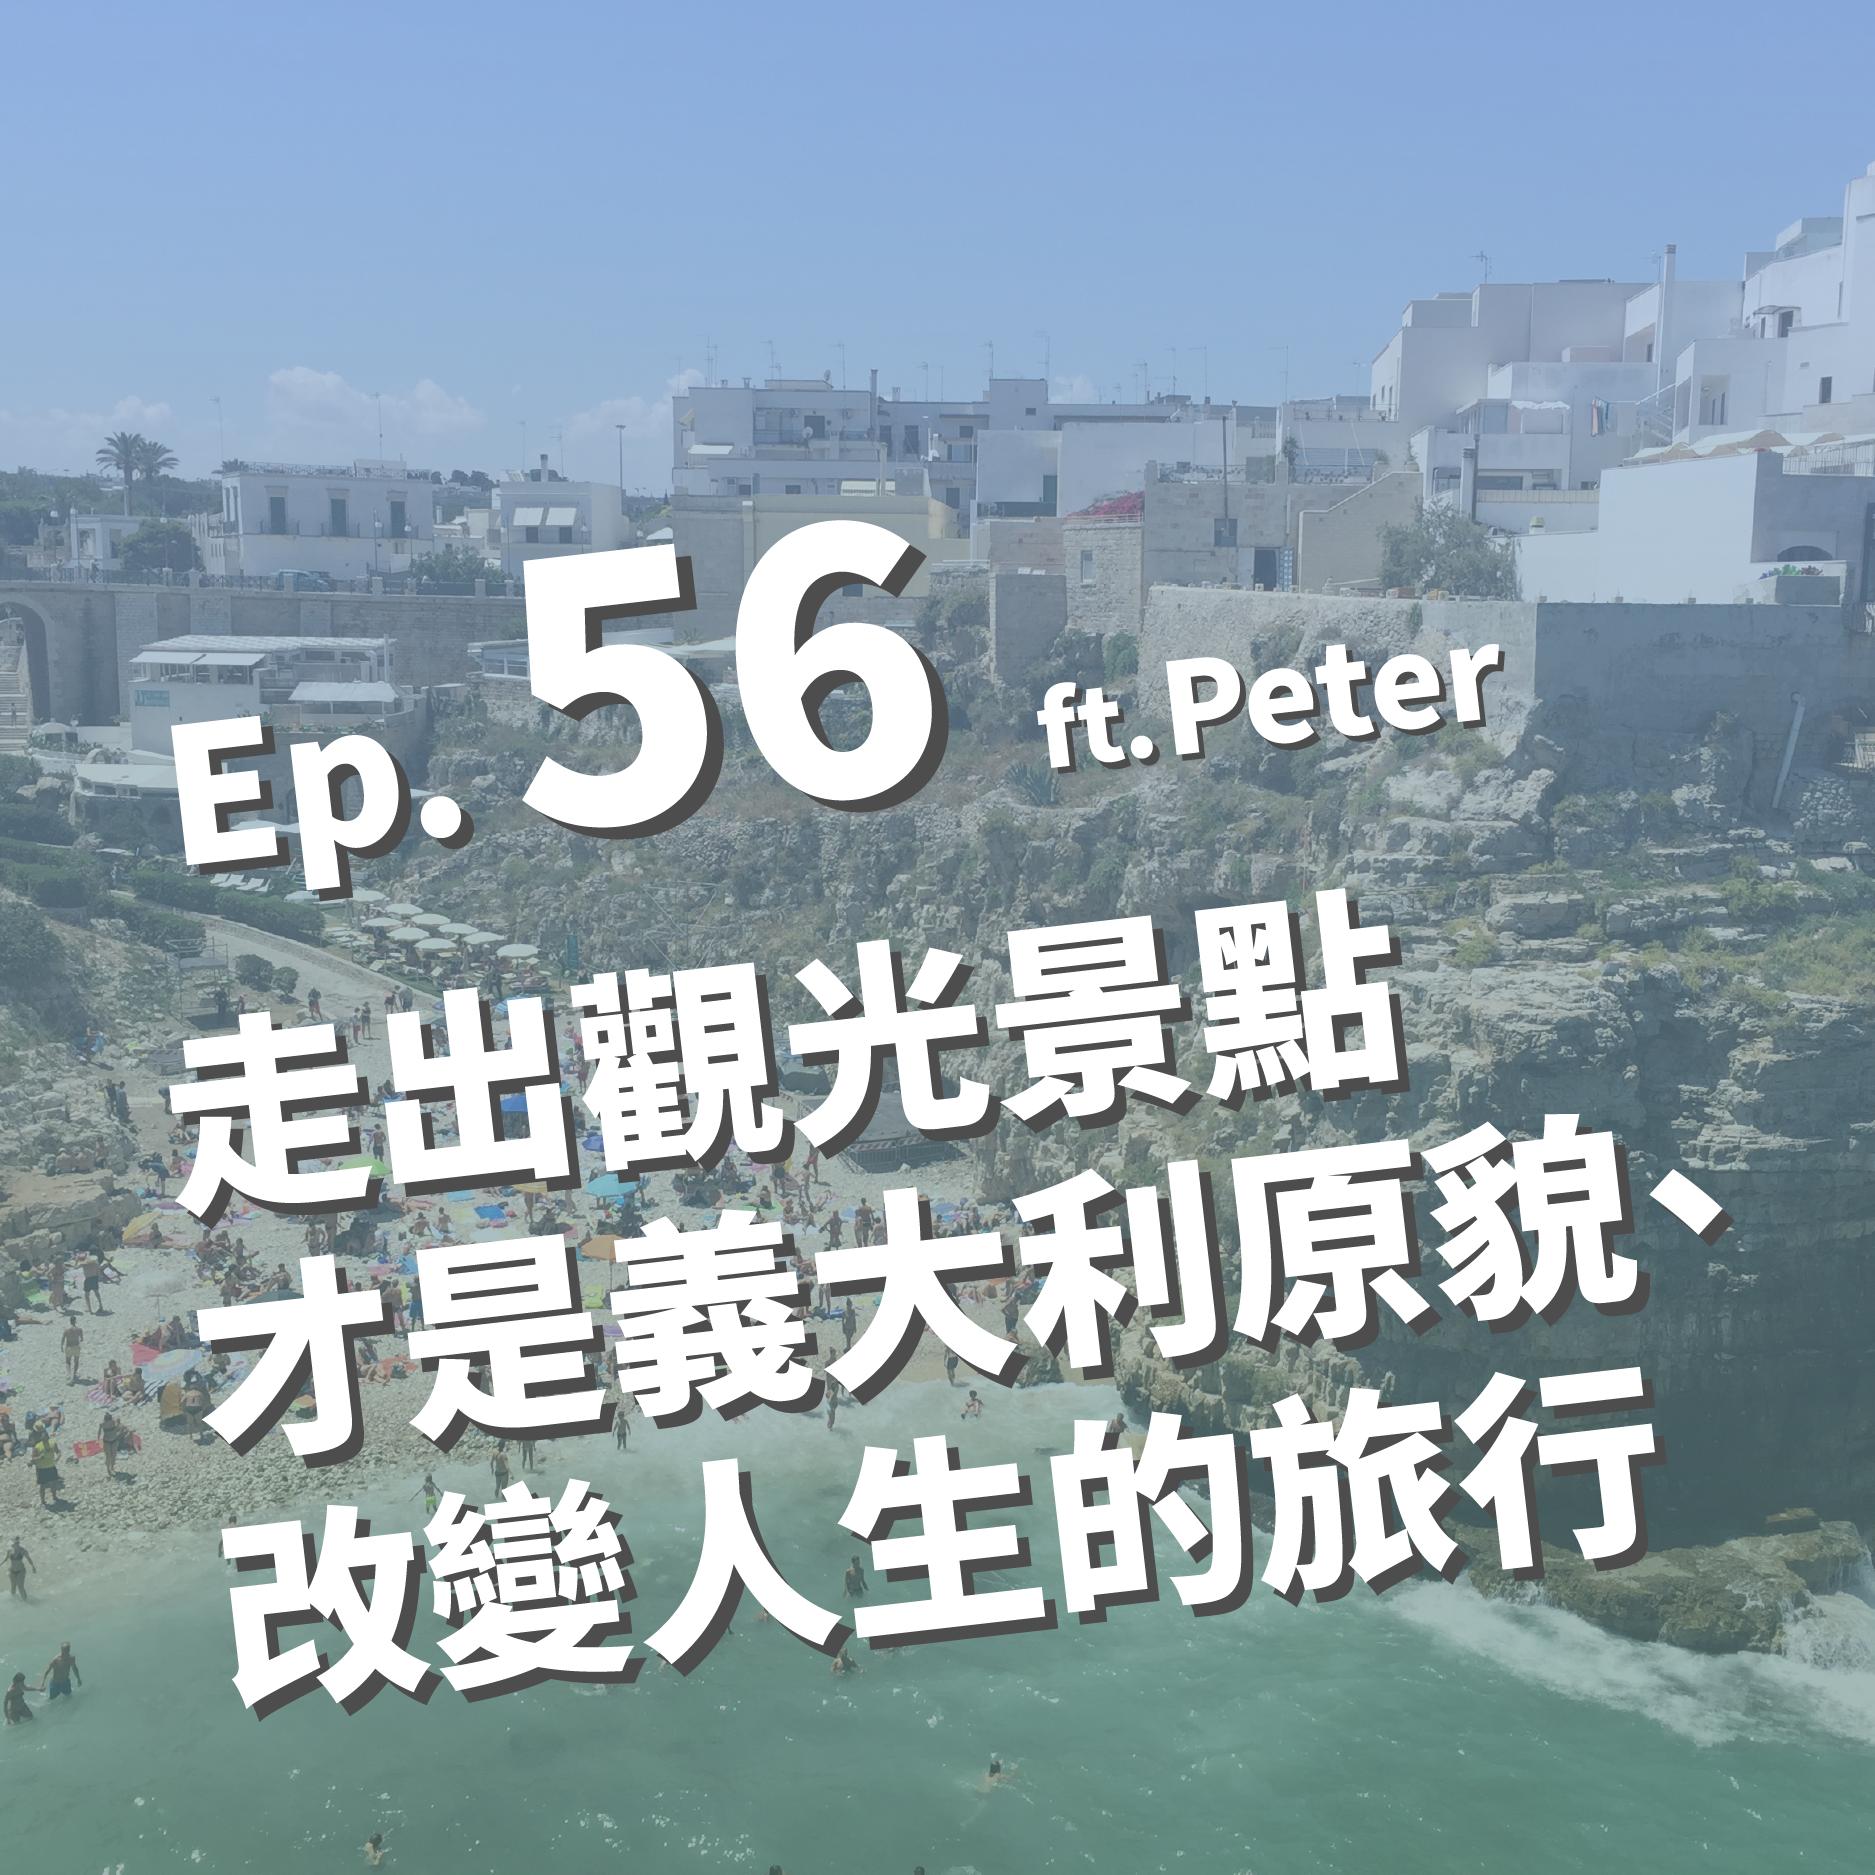 Ep.56 走出觀光景點才是義大利原貌 | 改變人生的旅行 | 沒特色的城市 ft. Peter